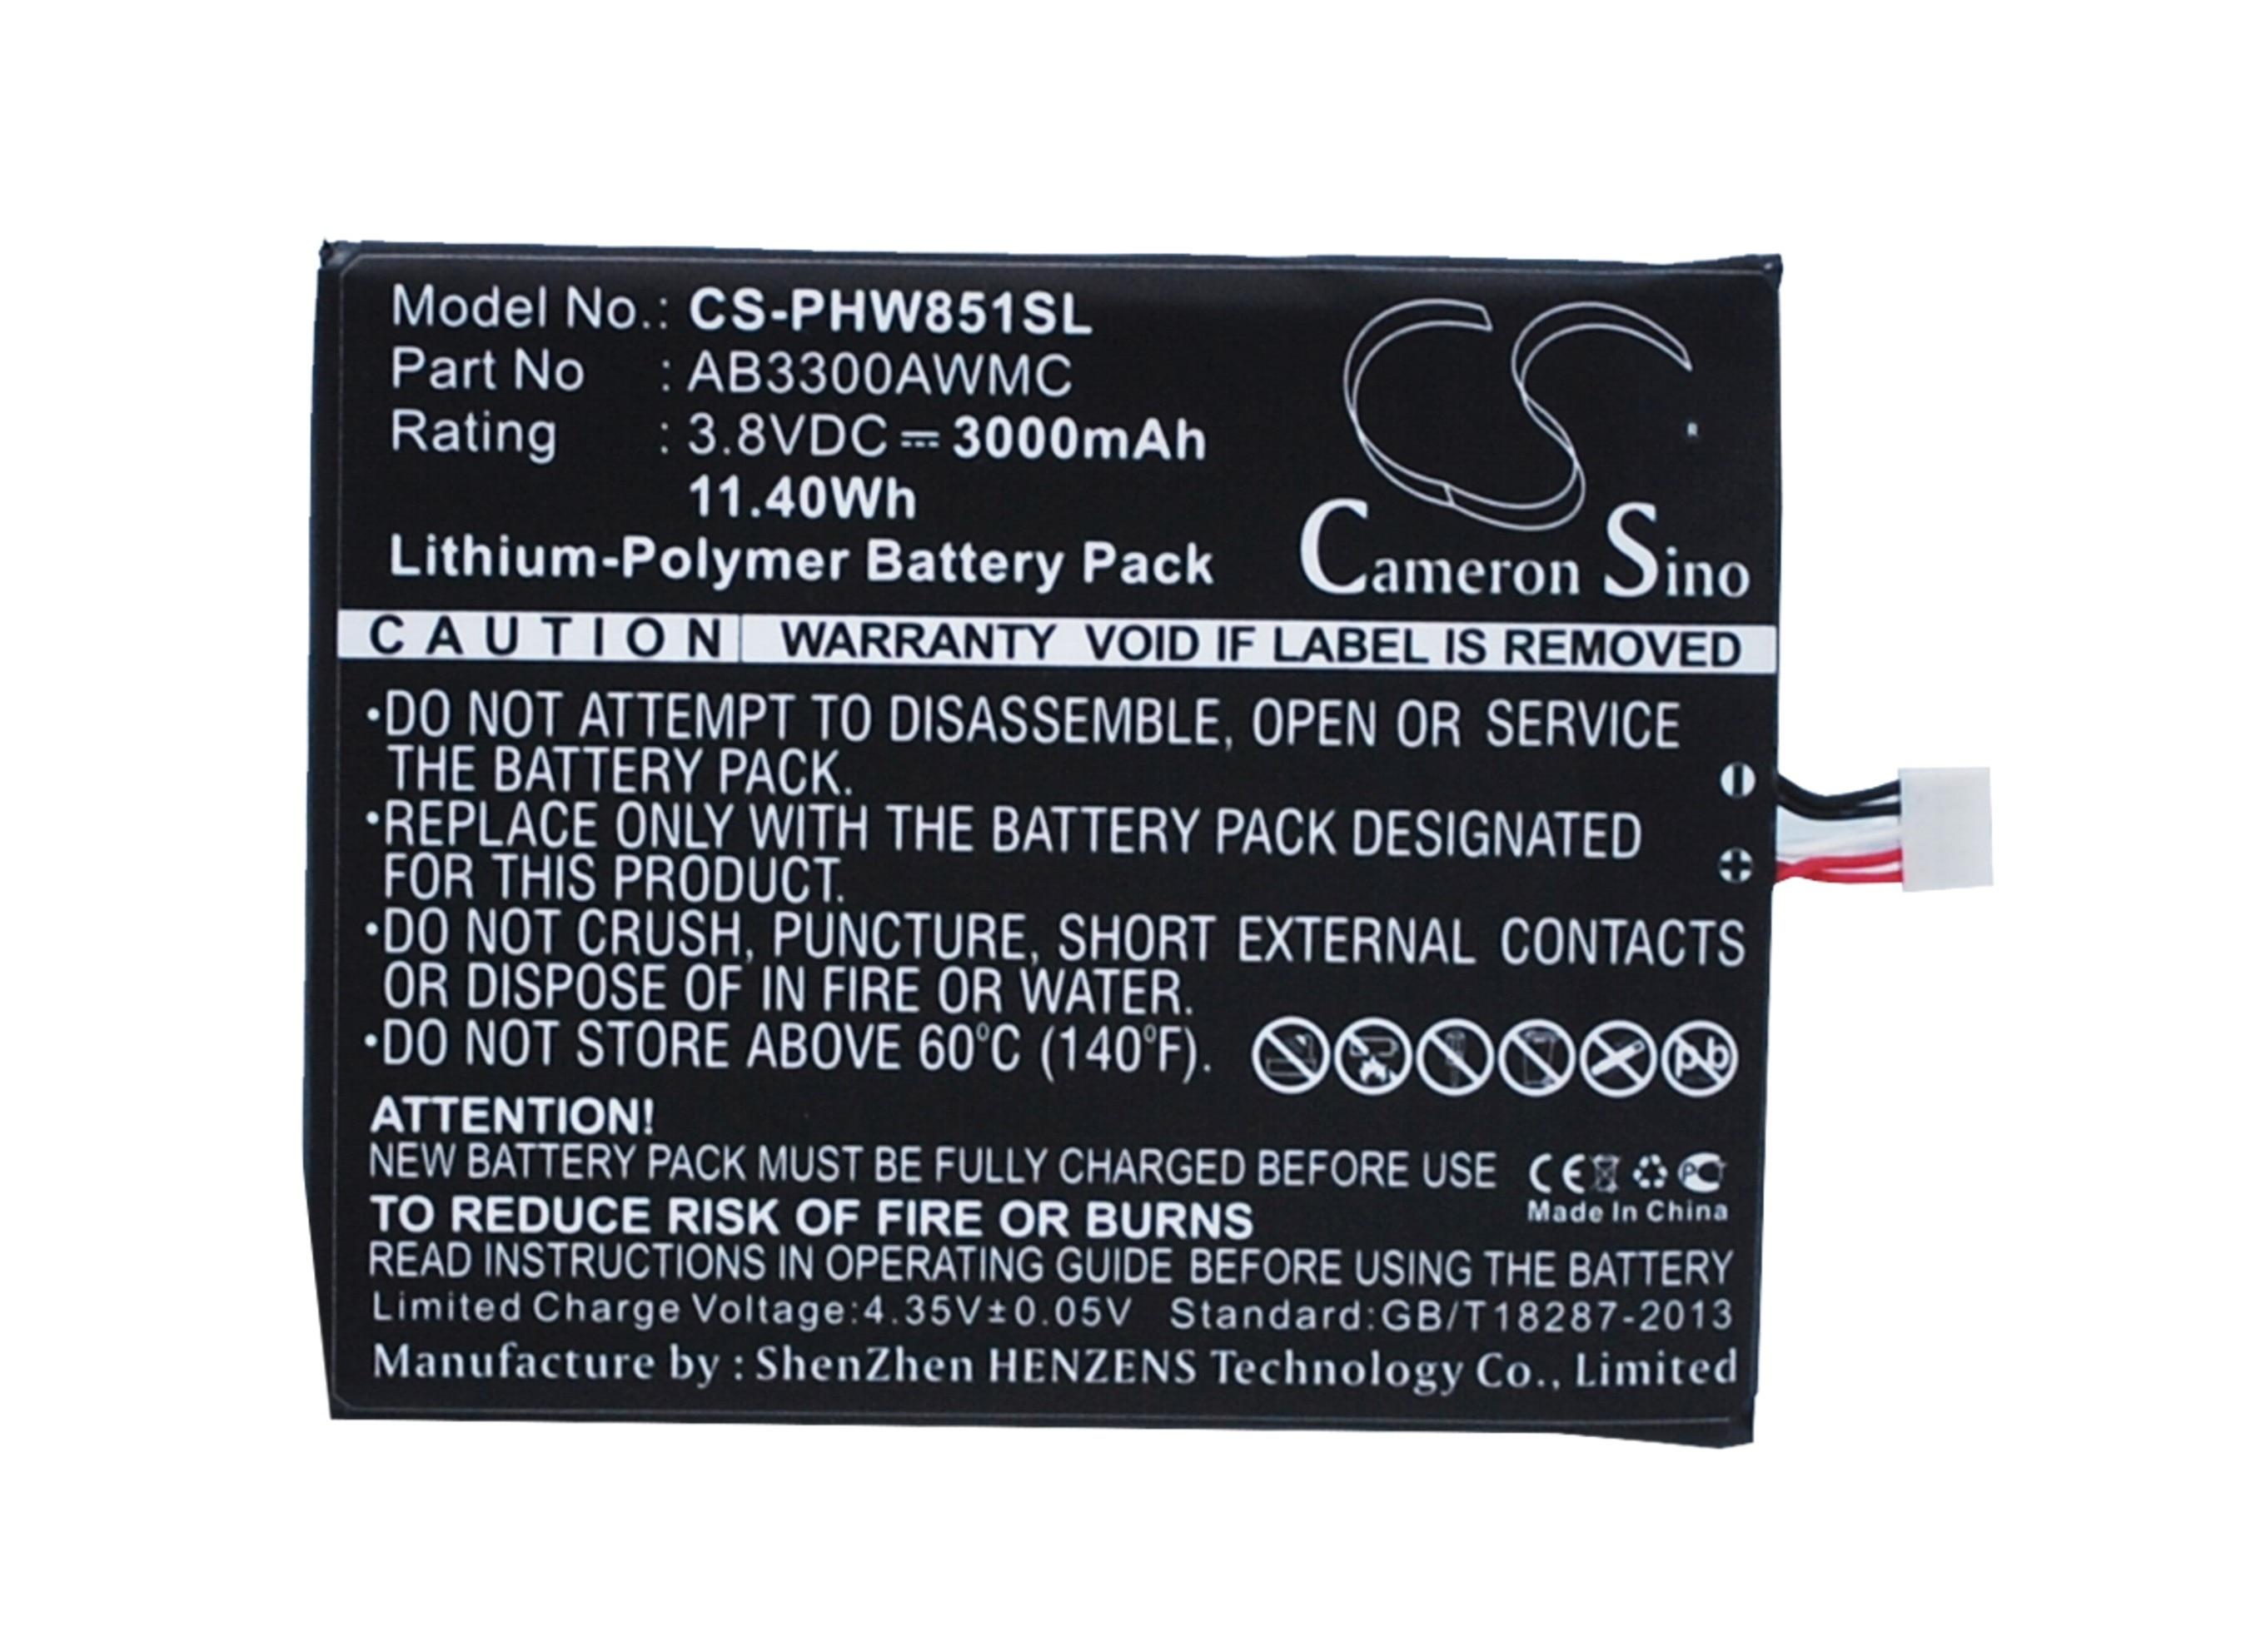 Cameron Sino Haute Qualité 3000 mAh Batterie AB3300AWMC de pour Philips W8510, Xenium W8510